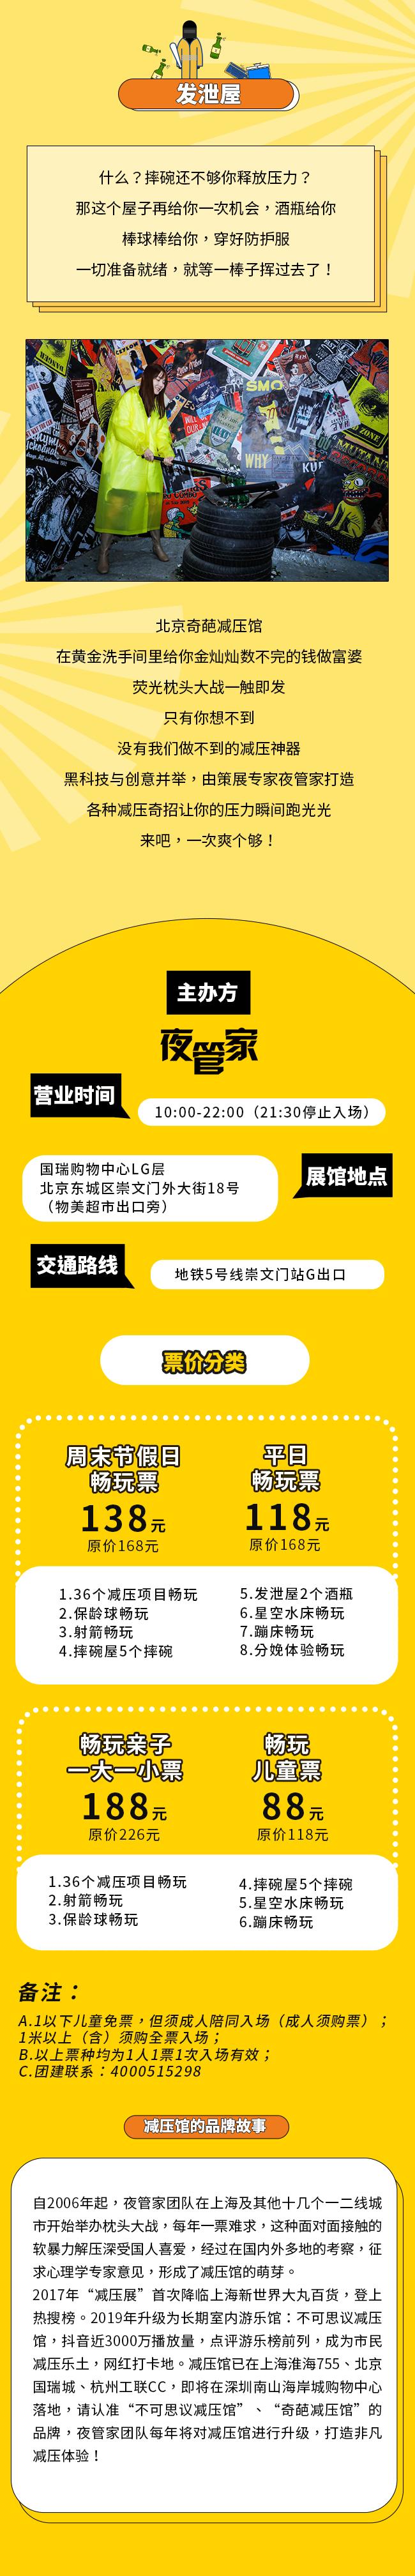 北京奇葩-无二维码-恢复的_05.jpg